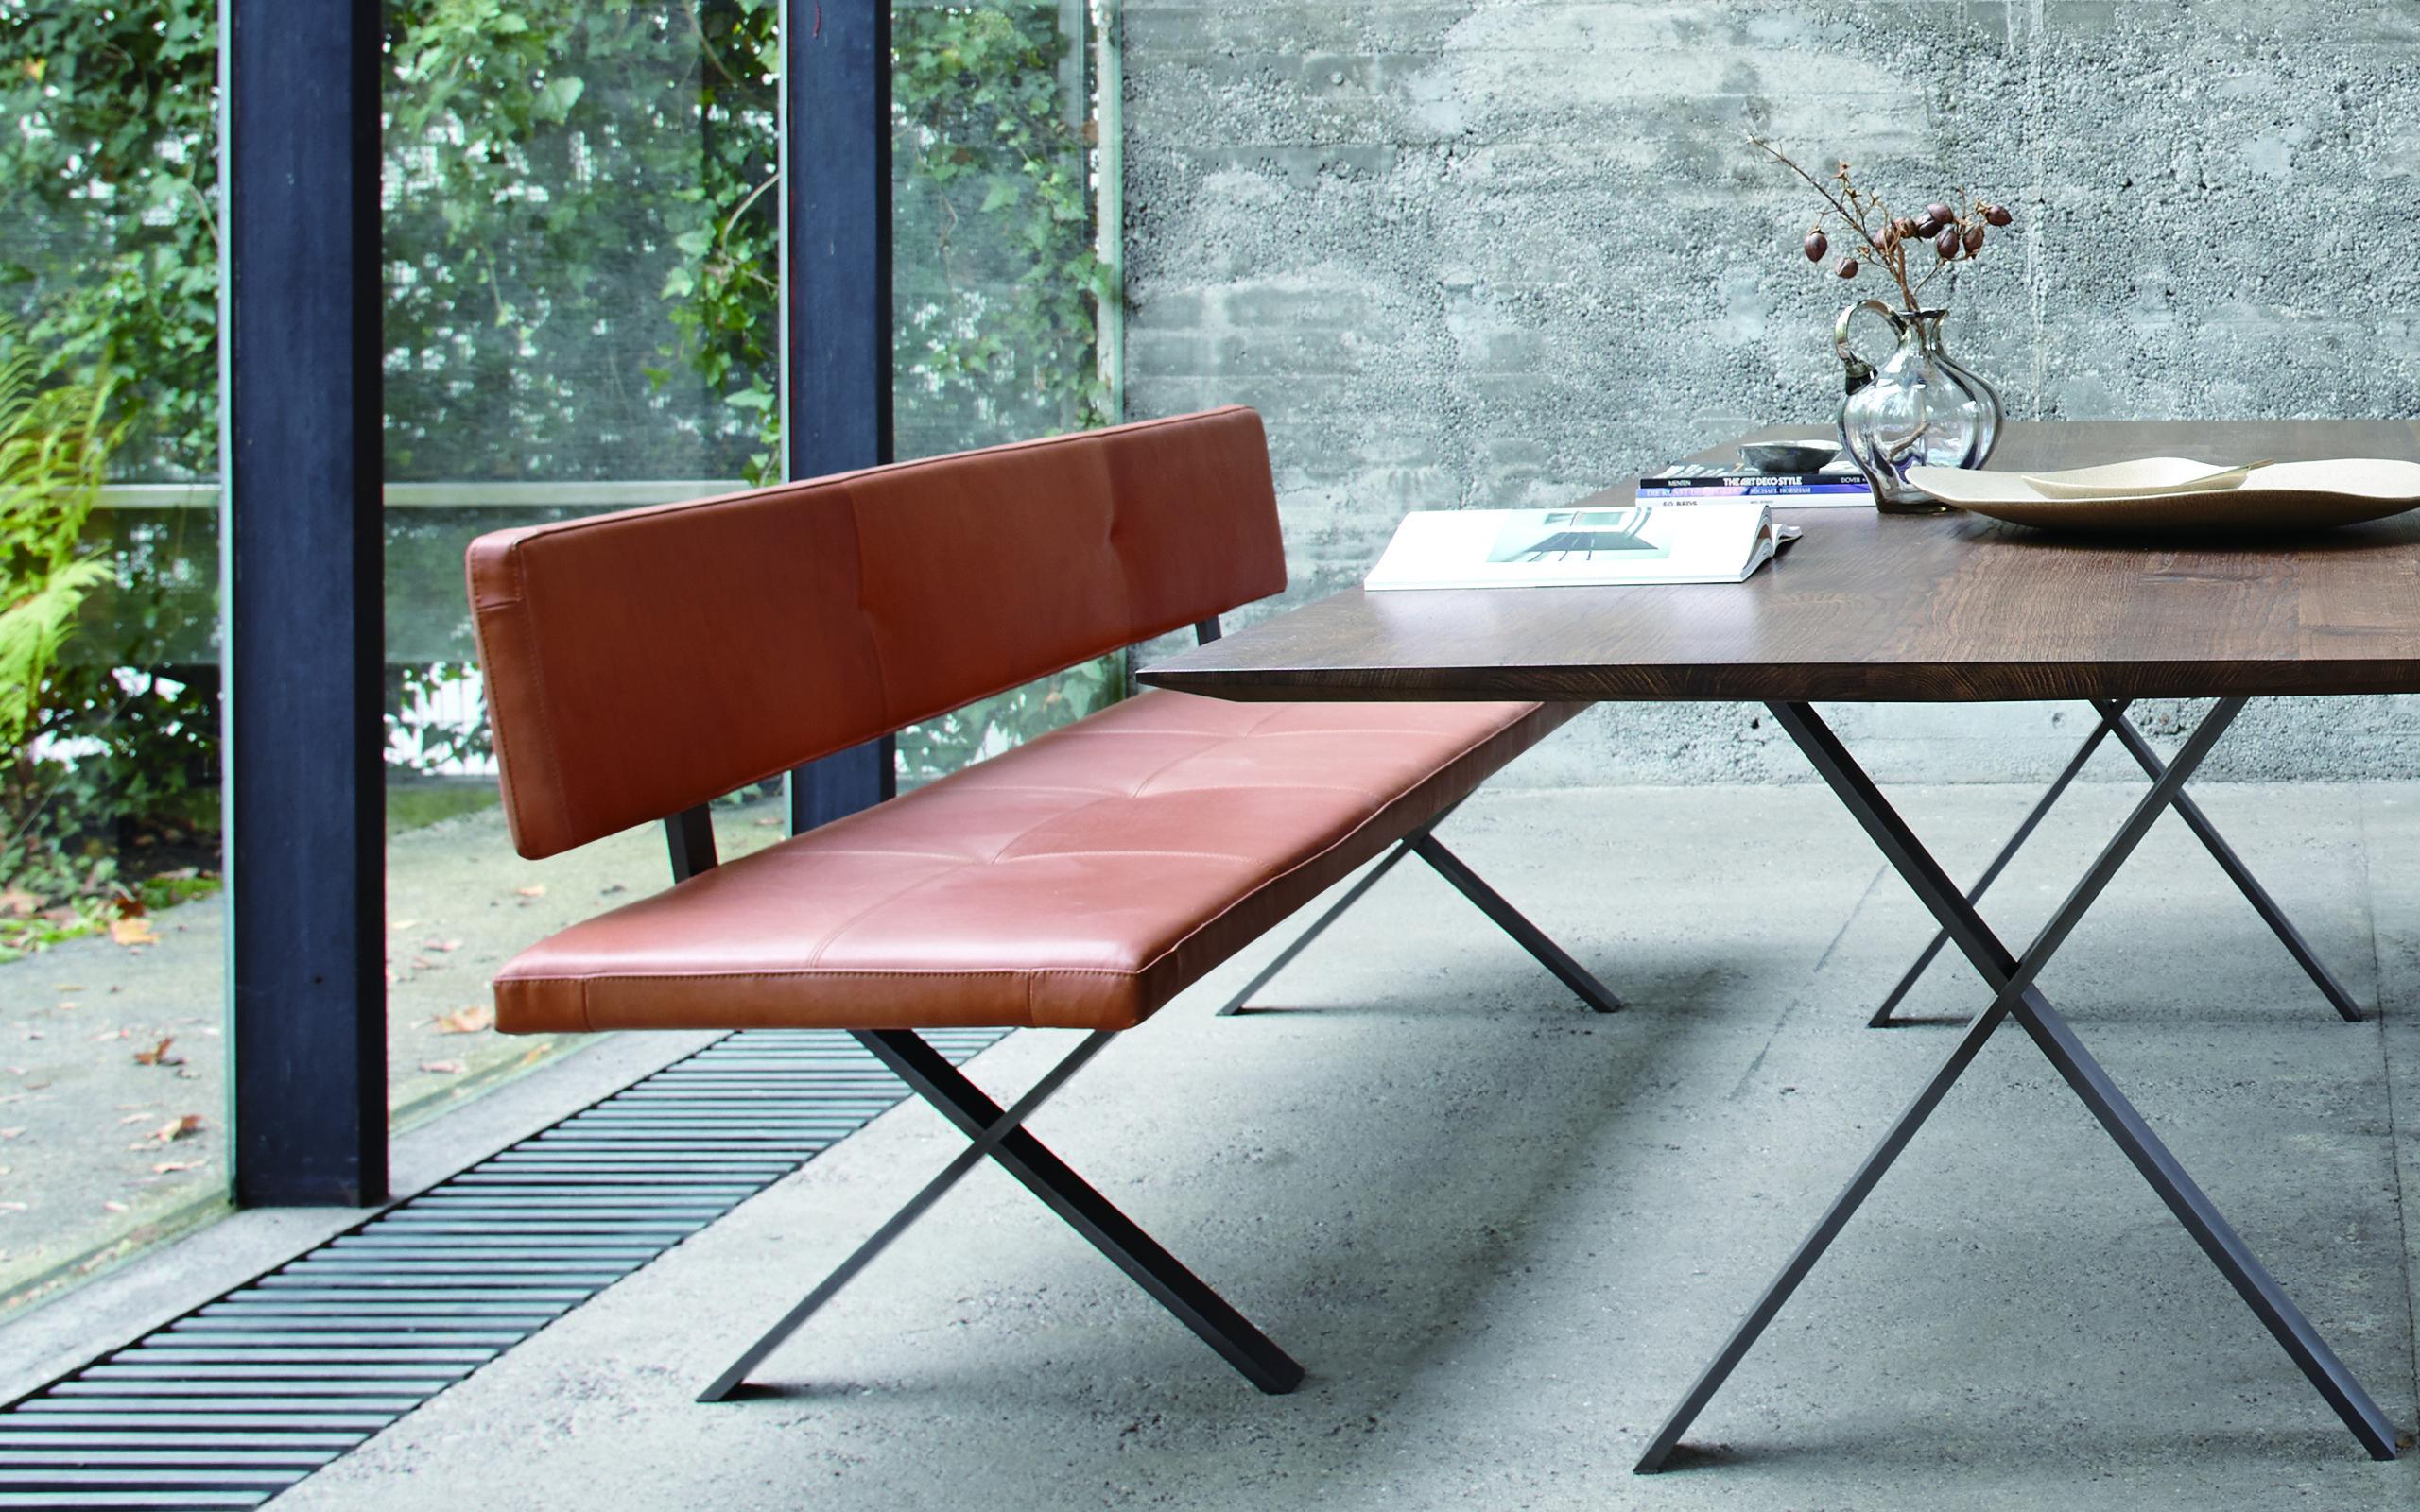 More Bank Lax Designermöbel von Raum + Form Haus